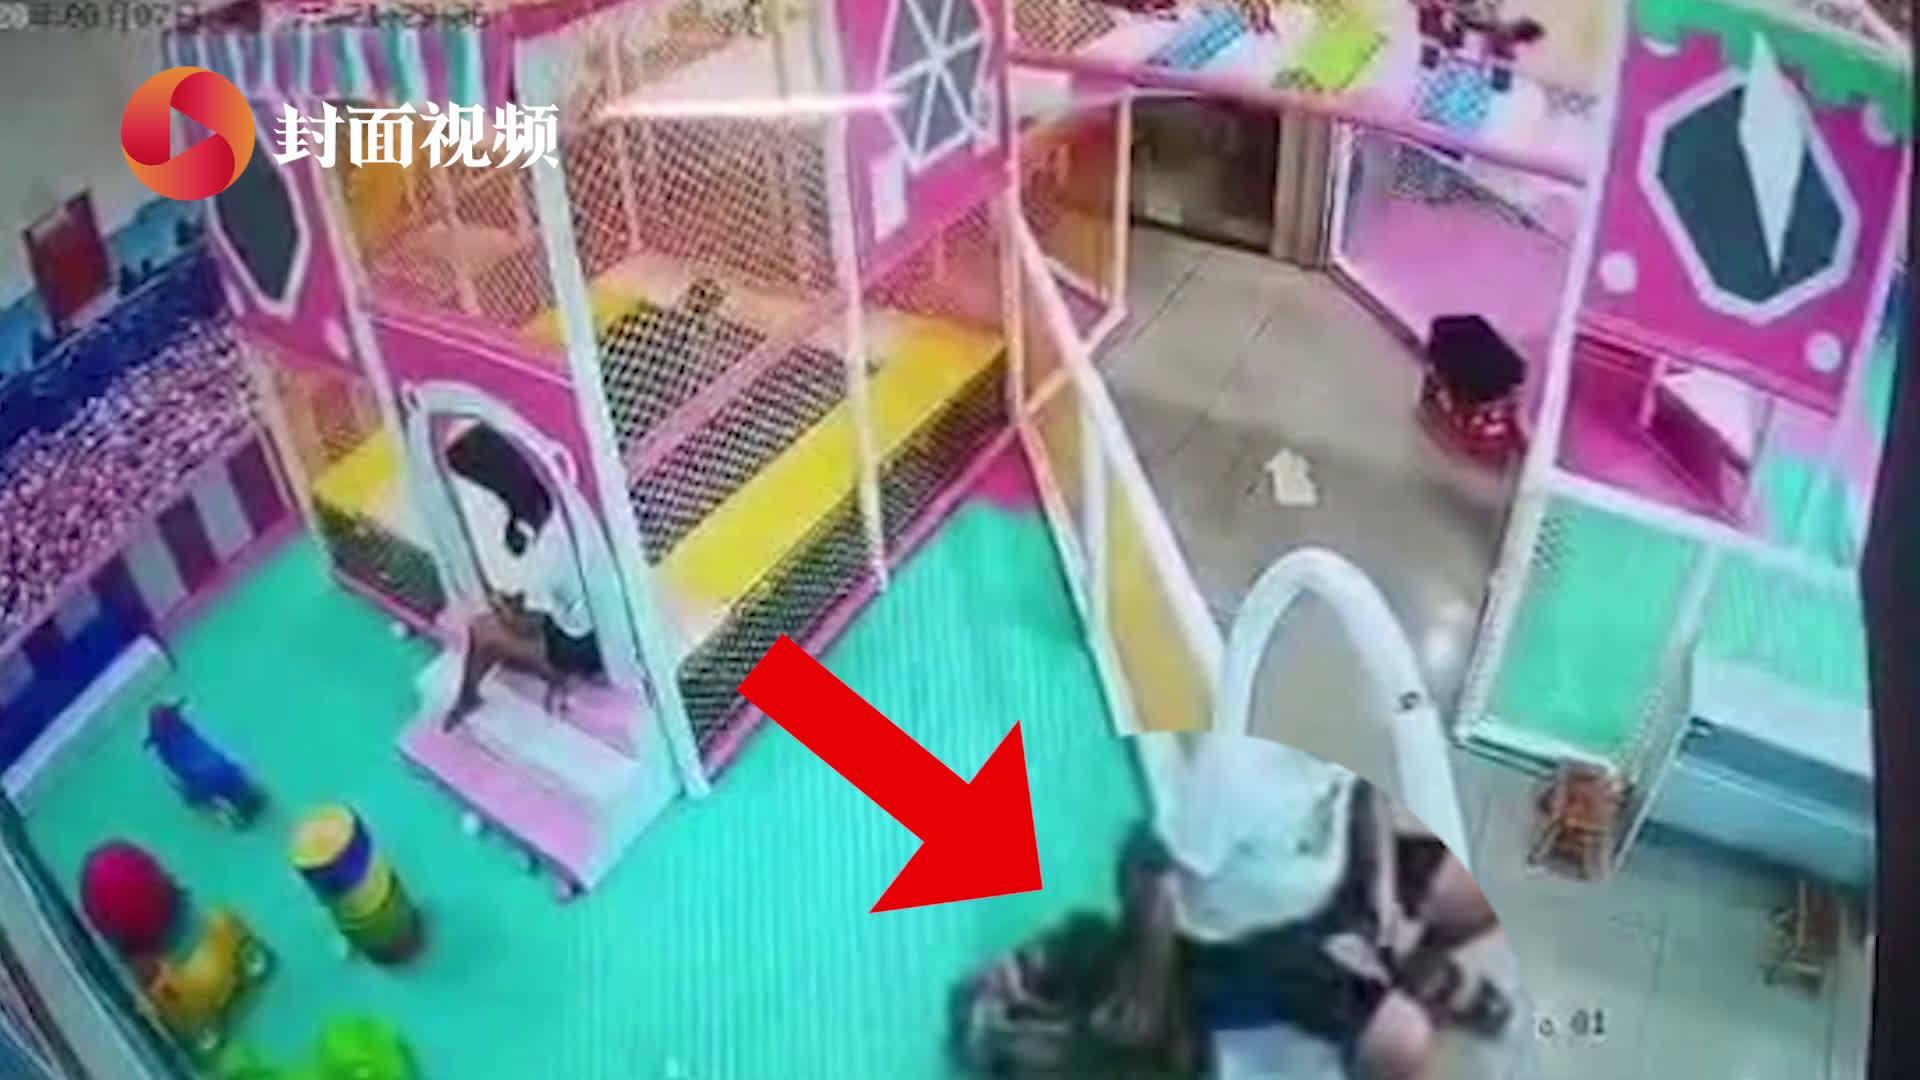 小孩遭陌生男子多次推搡倒地 家长看完监控后直接报警